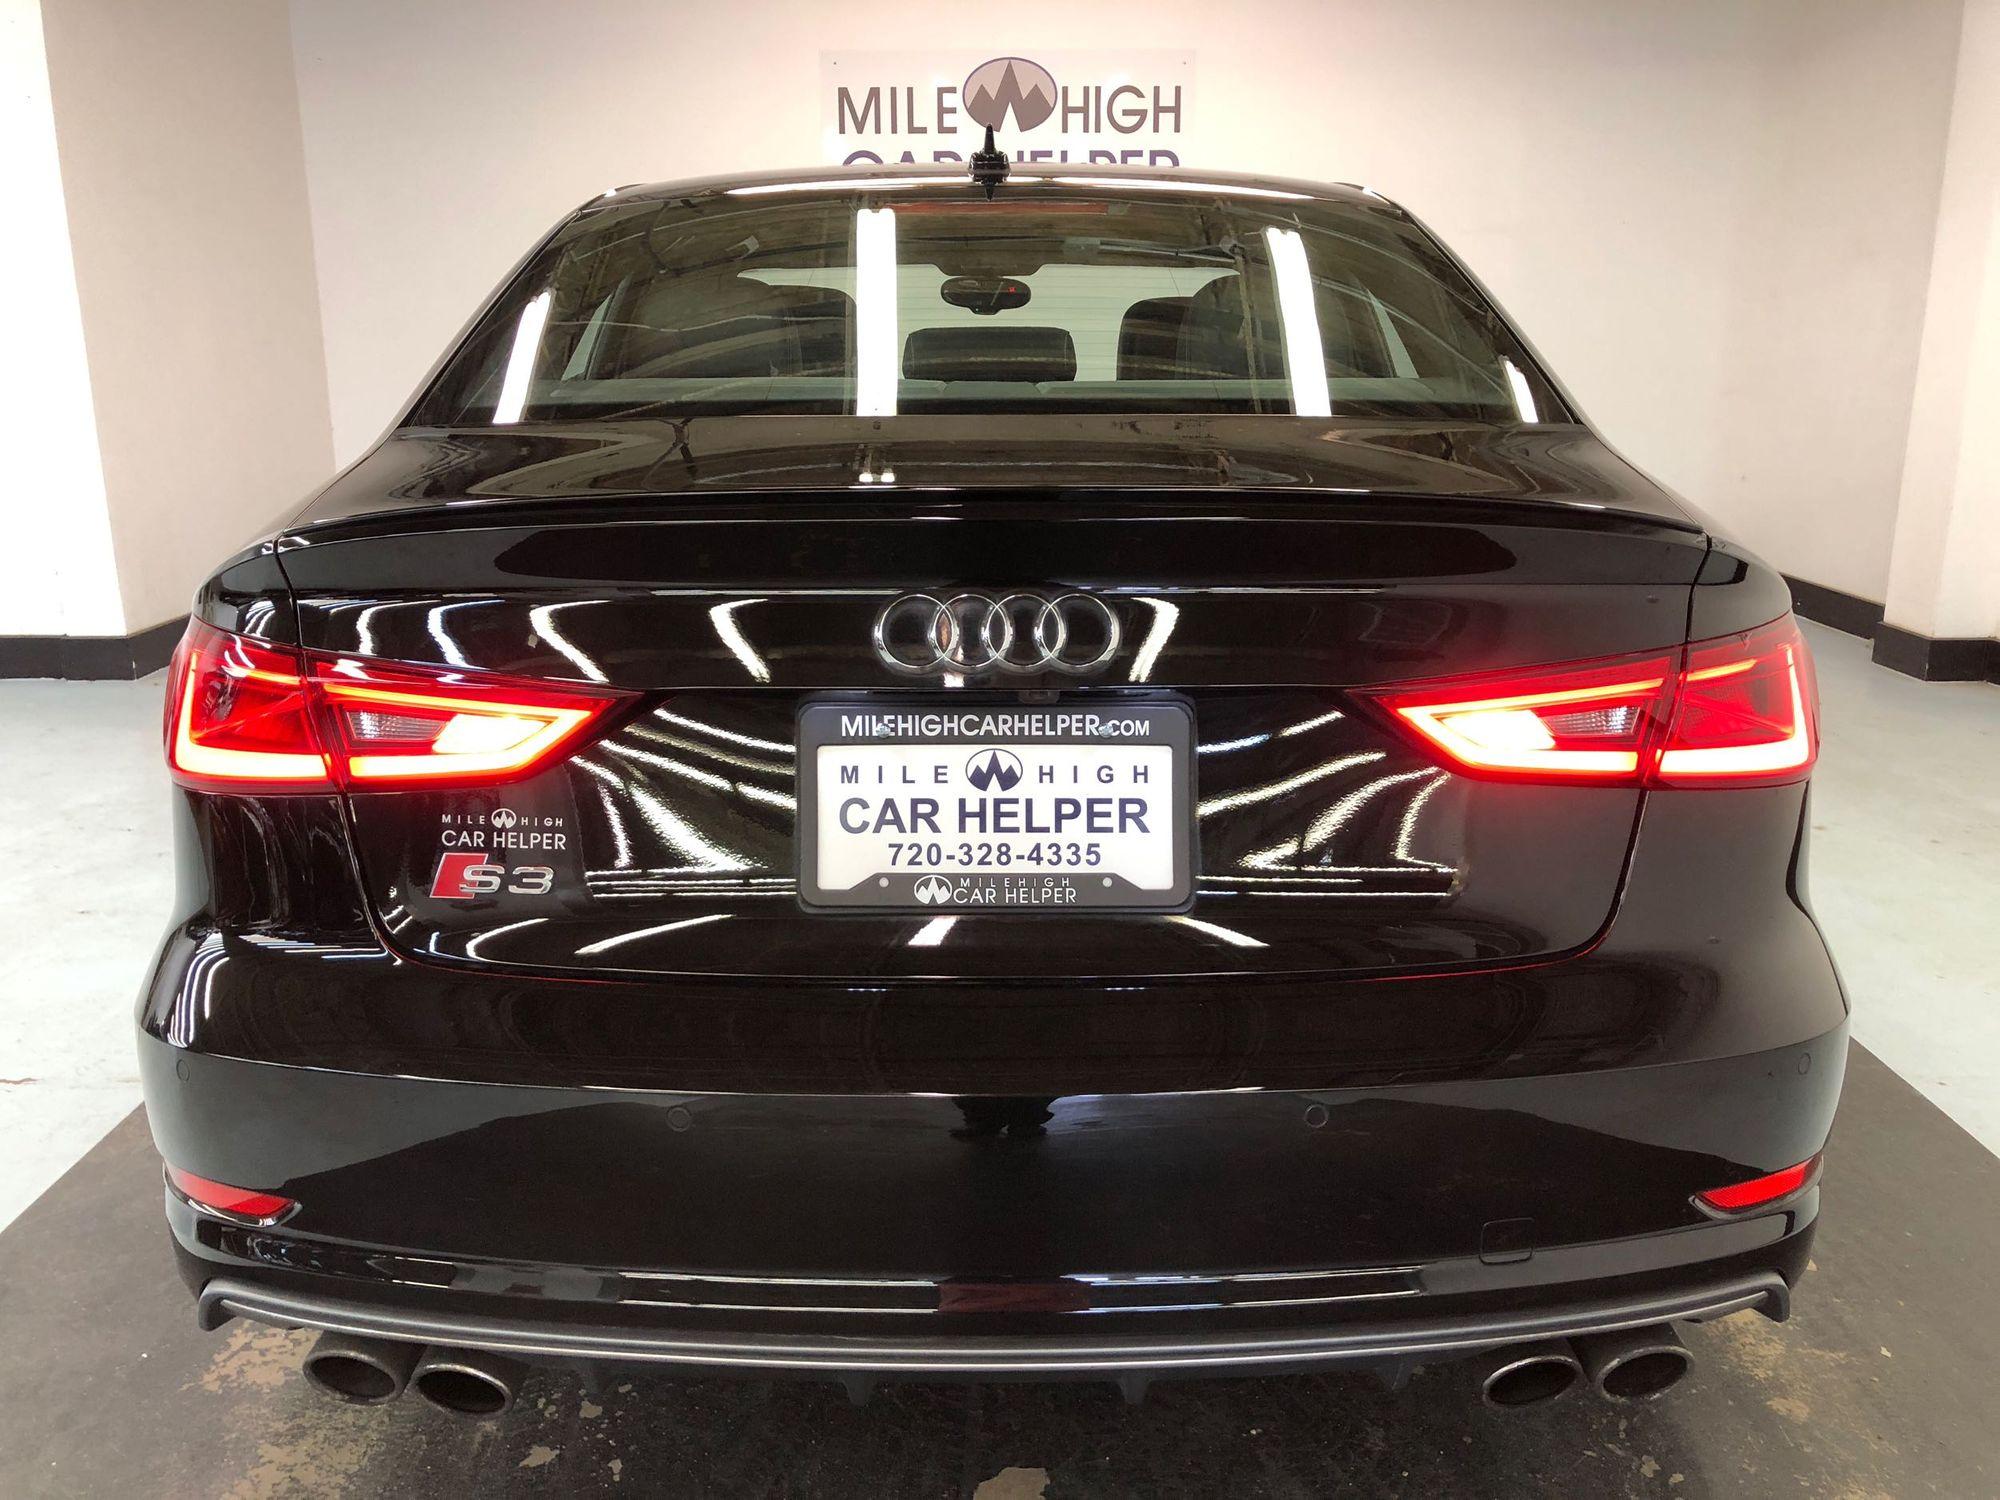 2015 Audi S3 2 0T quattro Premium Plus | Mile High Car Helper